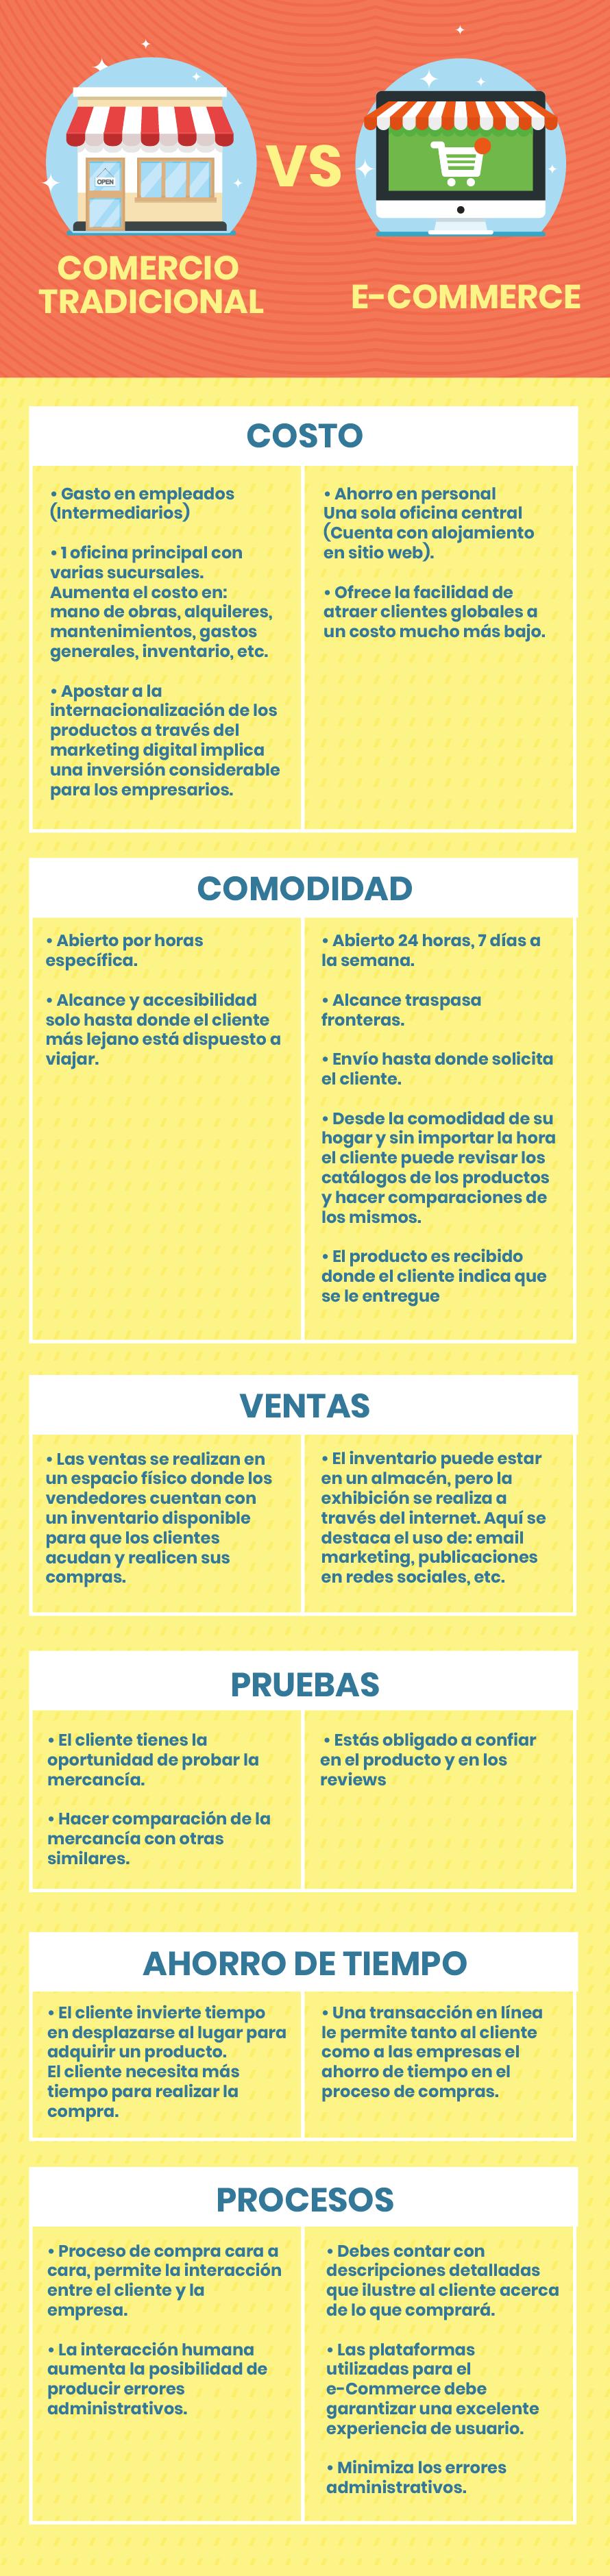 Infografia Comercio tradicional VS e-Commerce